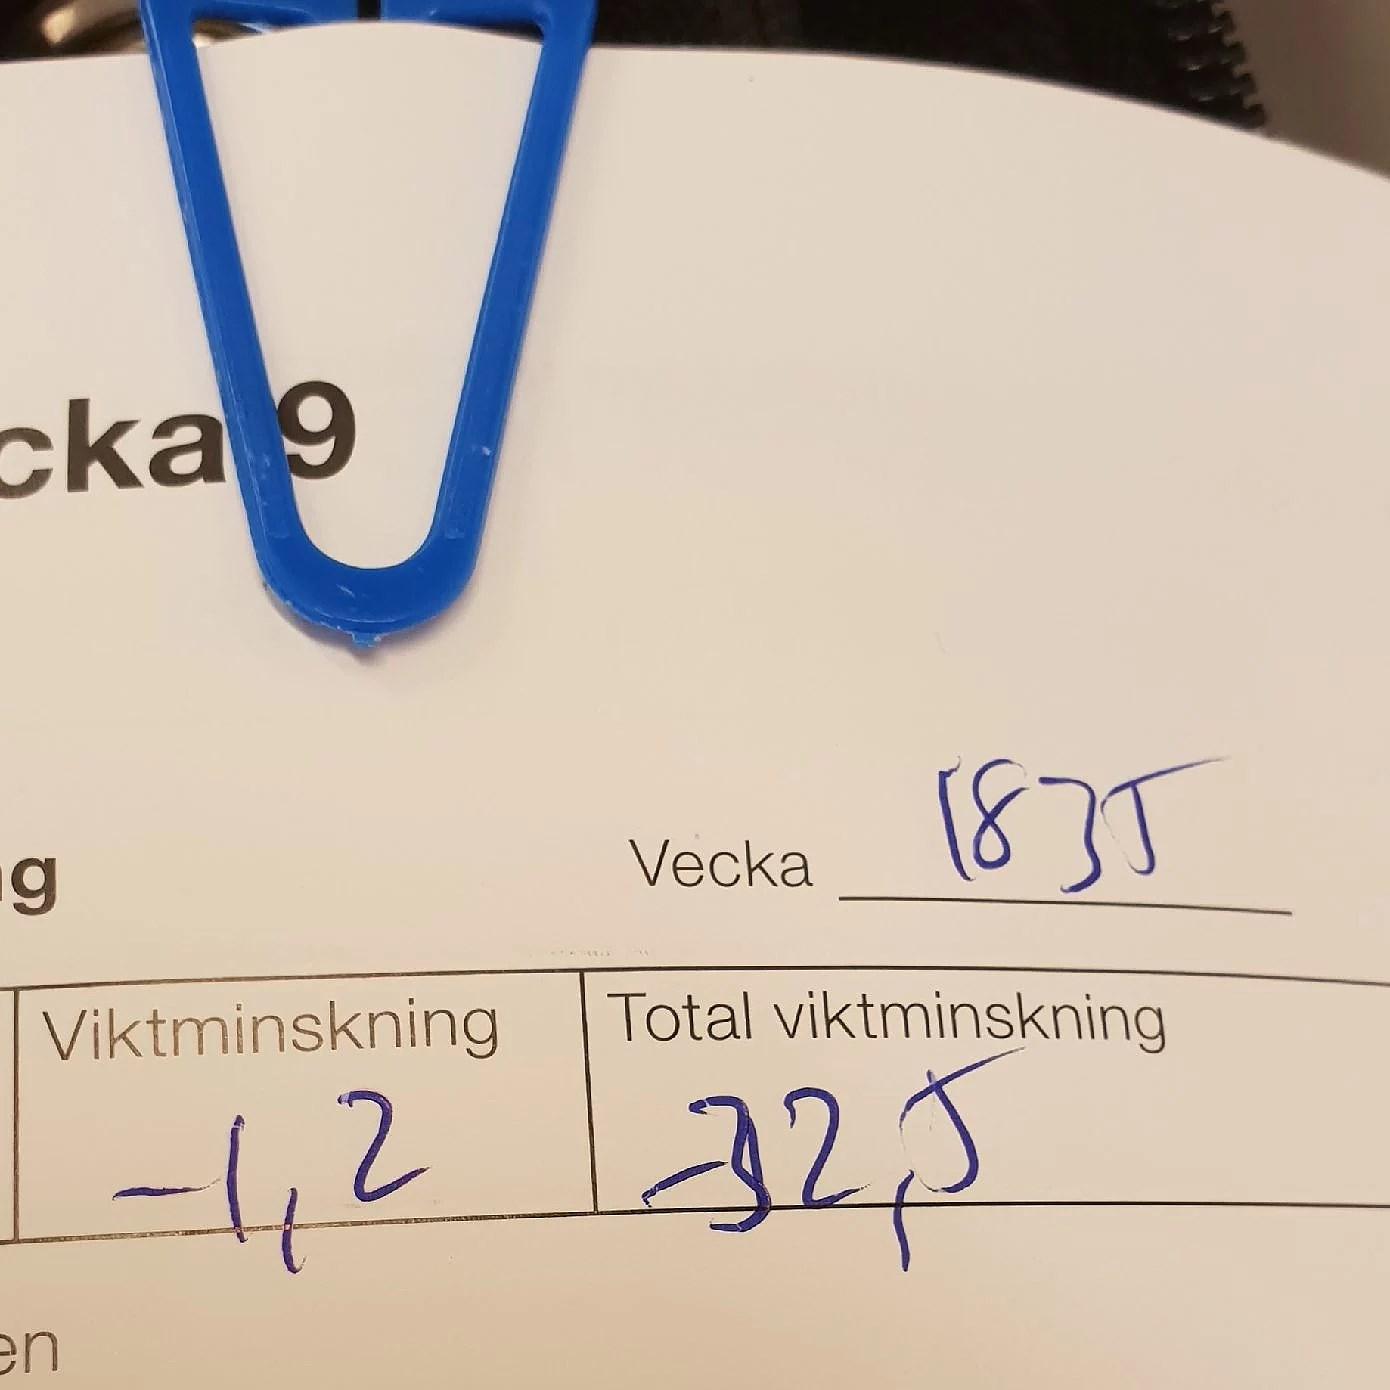 -1.2 kg den här veckan